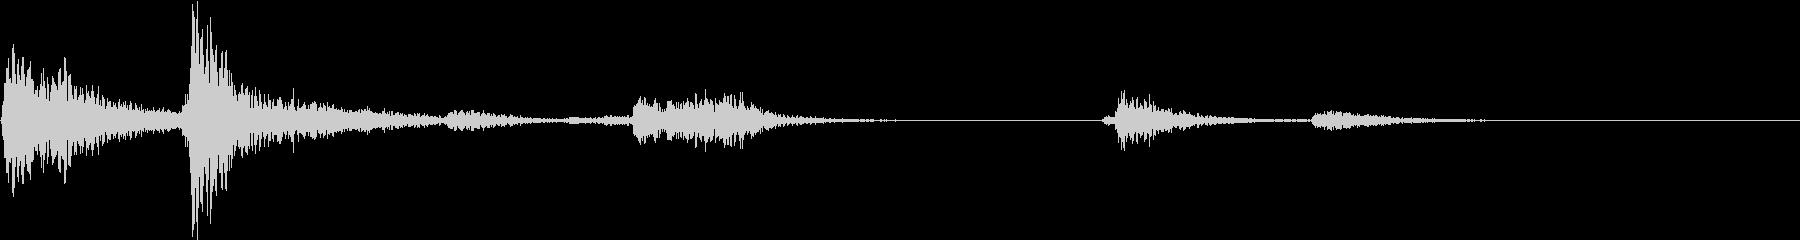 【生録音】装備品の音 金属 武器 10の未再生の波形